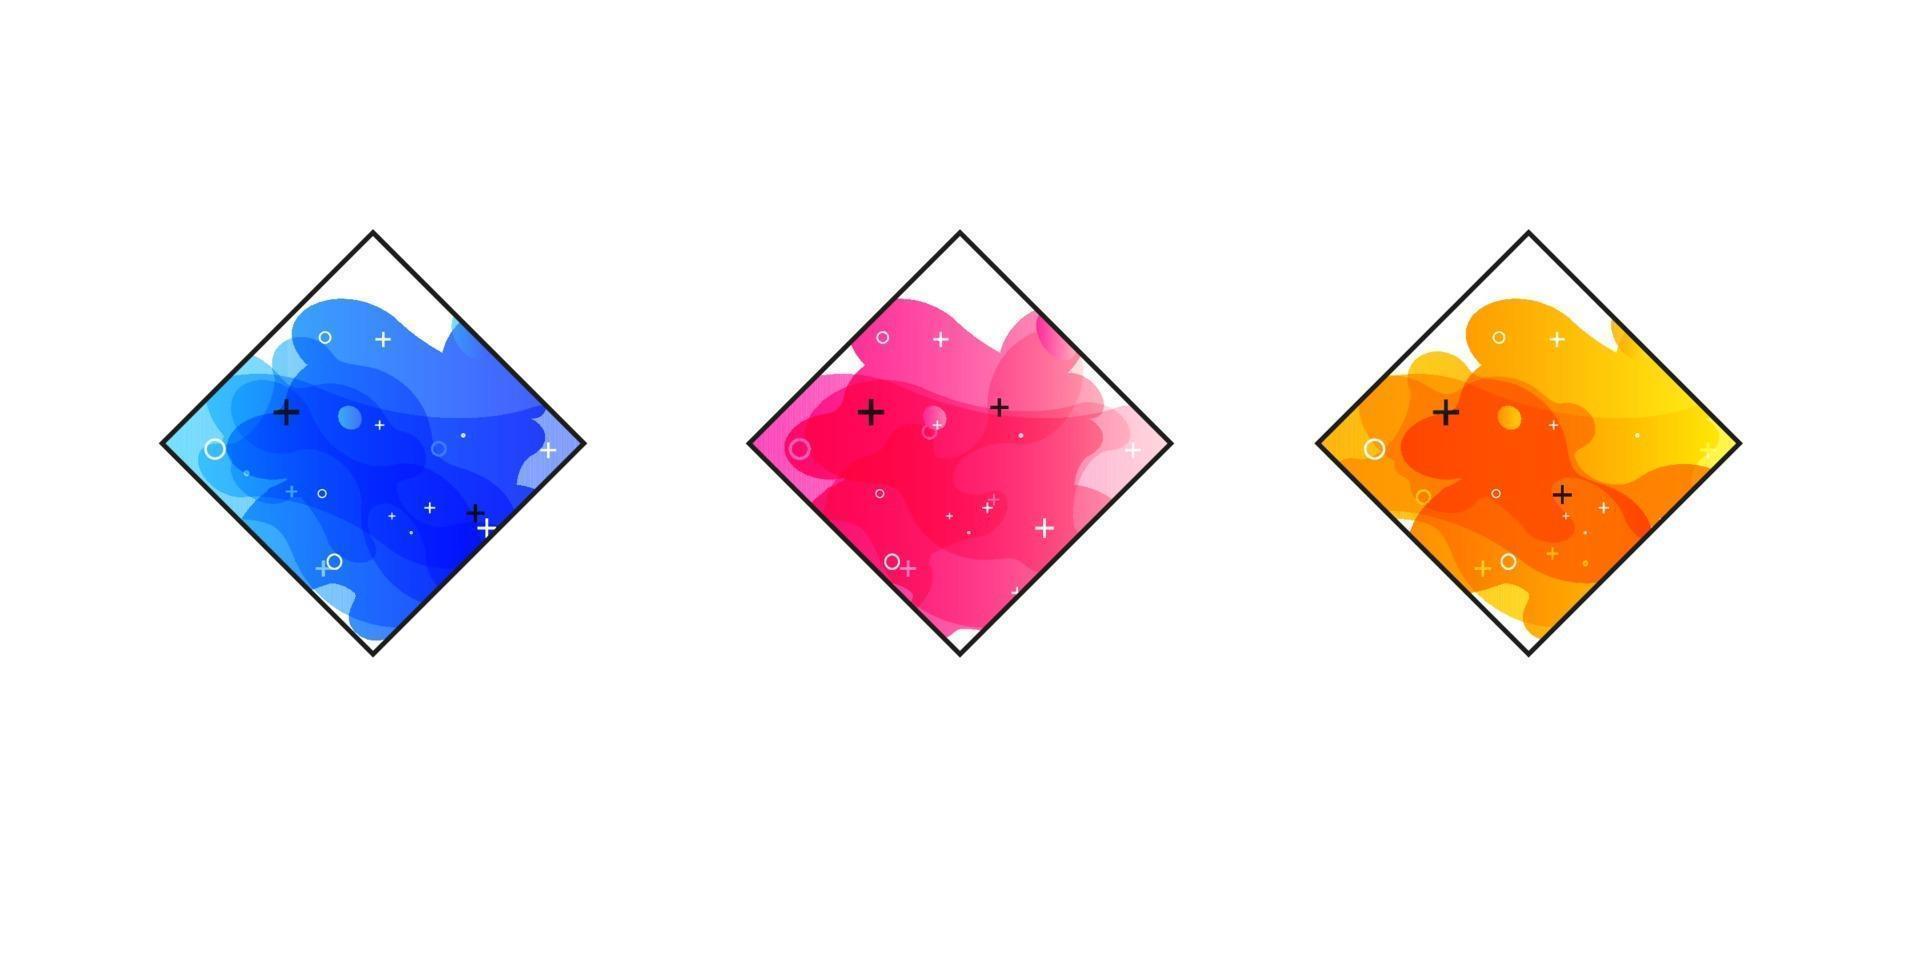 gradiënt geometrische banners met vloeiende vloeibare vormen. dynamisch vloeiend ontwerp voor logo, flyers of presentaties. abstracte vector achtergrond